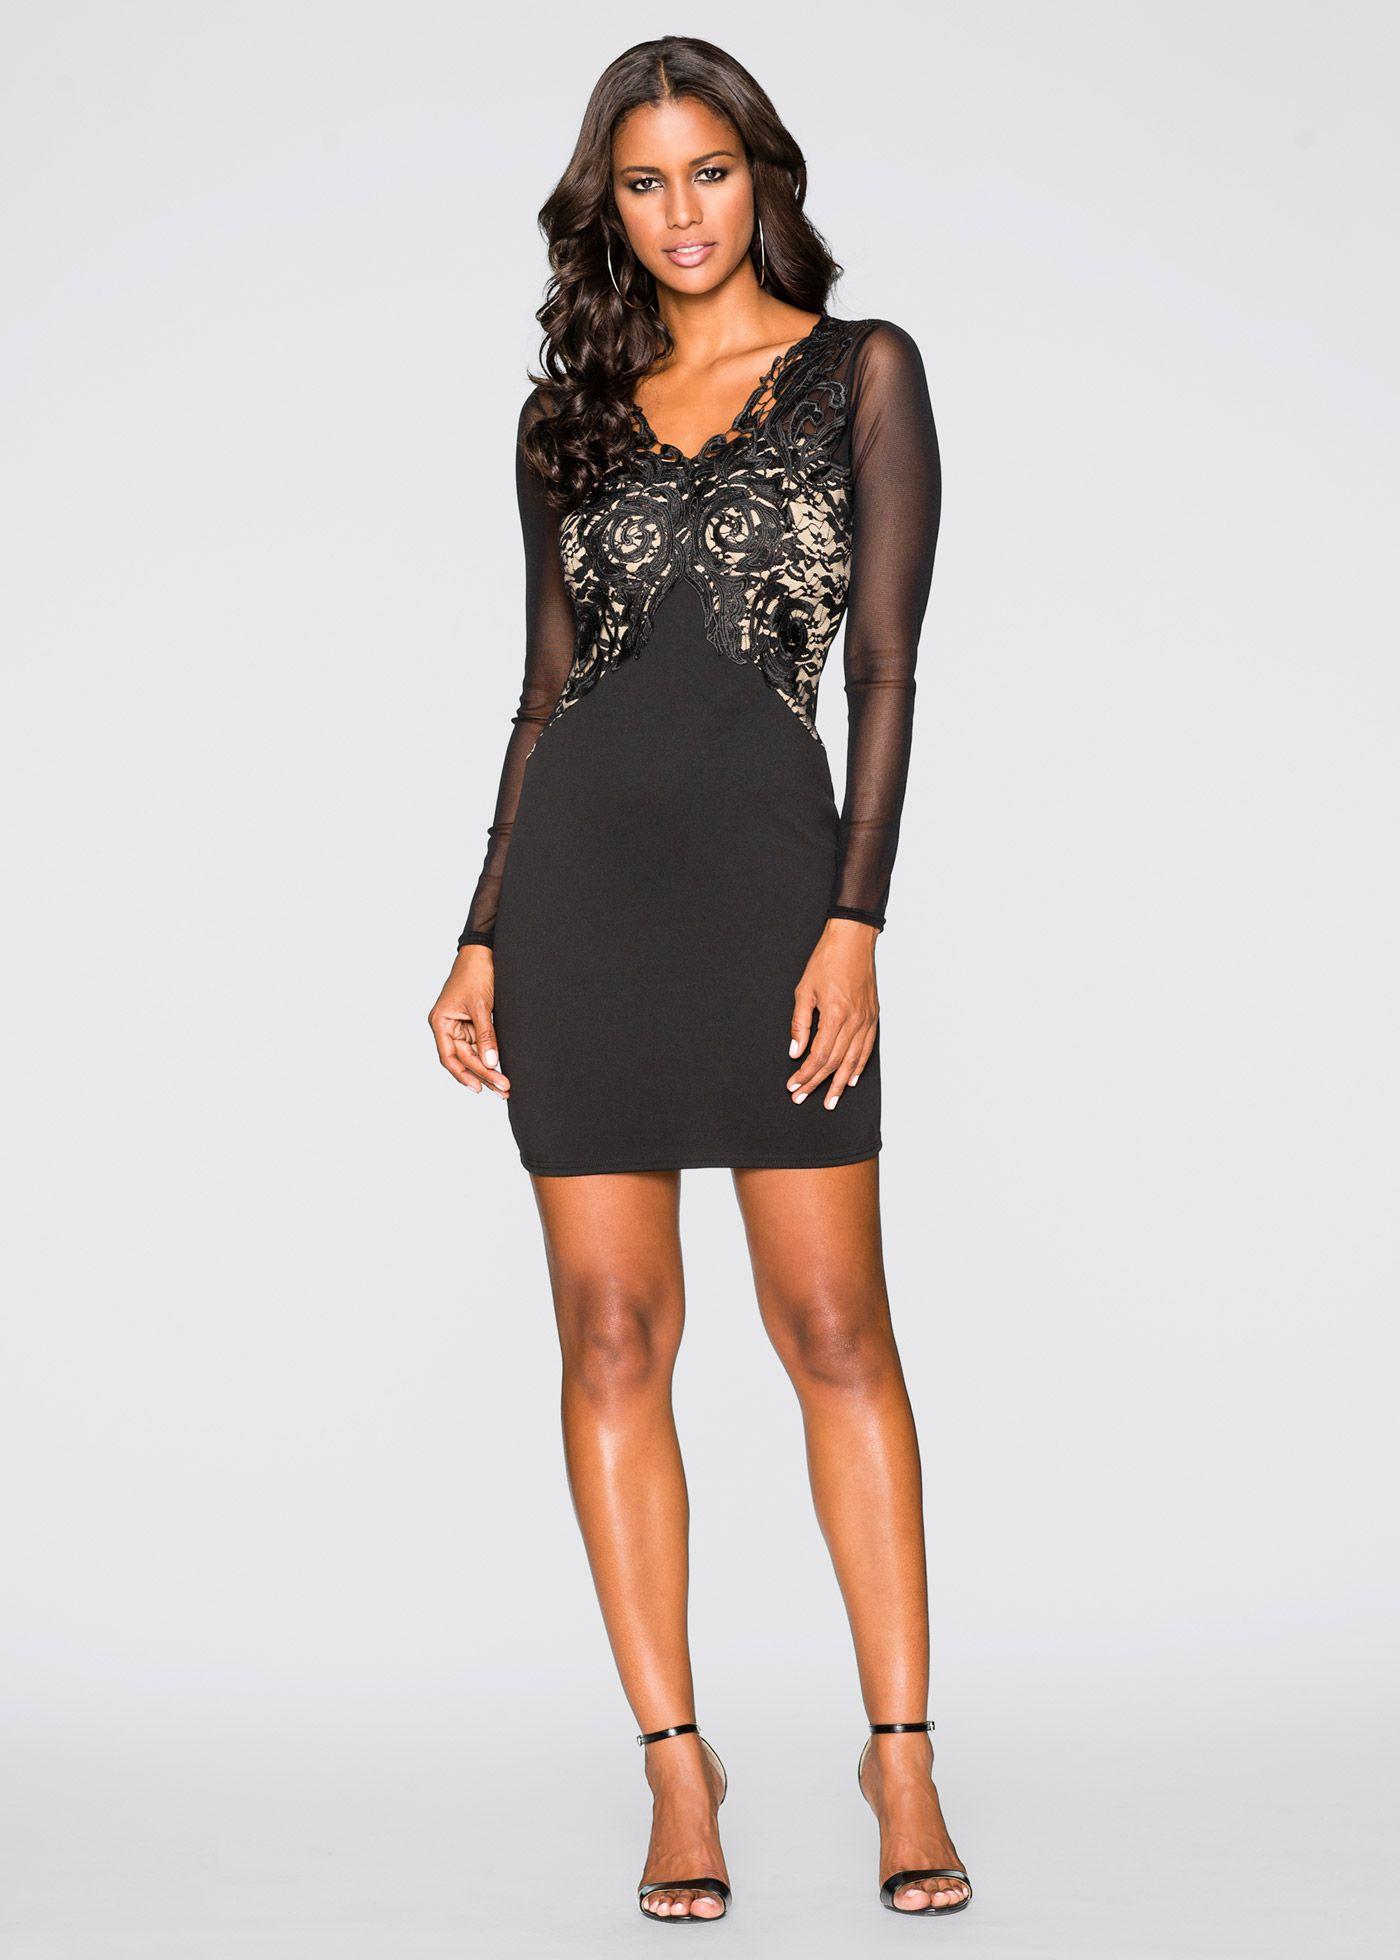 La robe avec application en dentelle, BODYFLIRT boutique, noir/crème